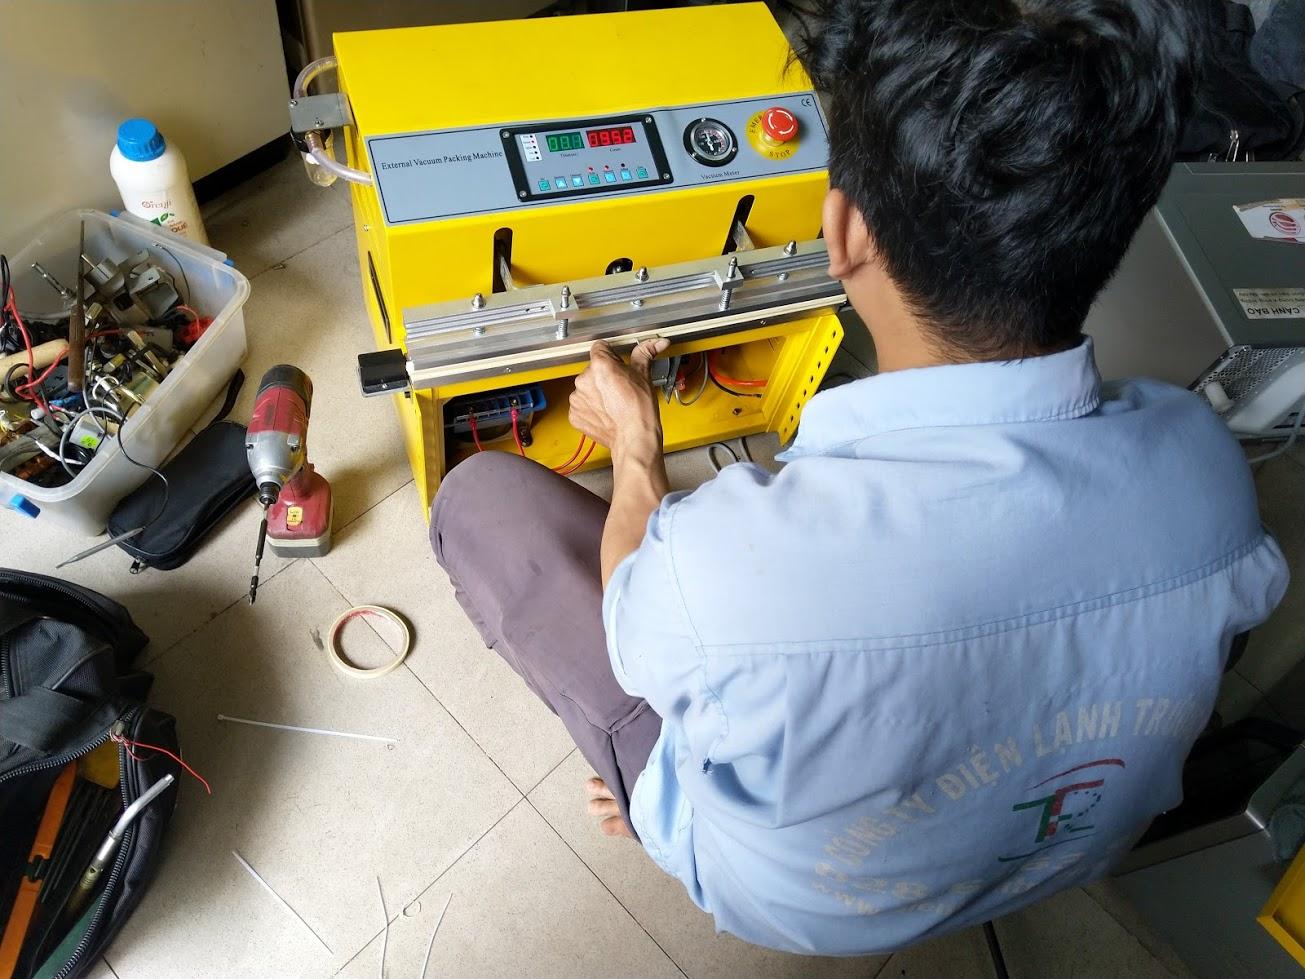 Sửa máy hút chân không đóng gói thực phẩm tại tphcm